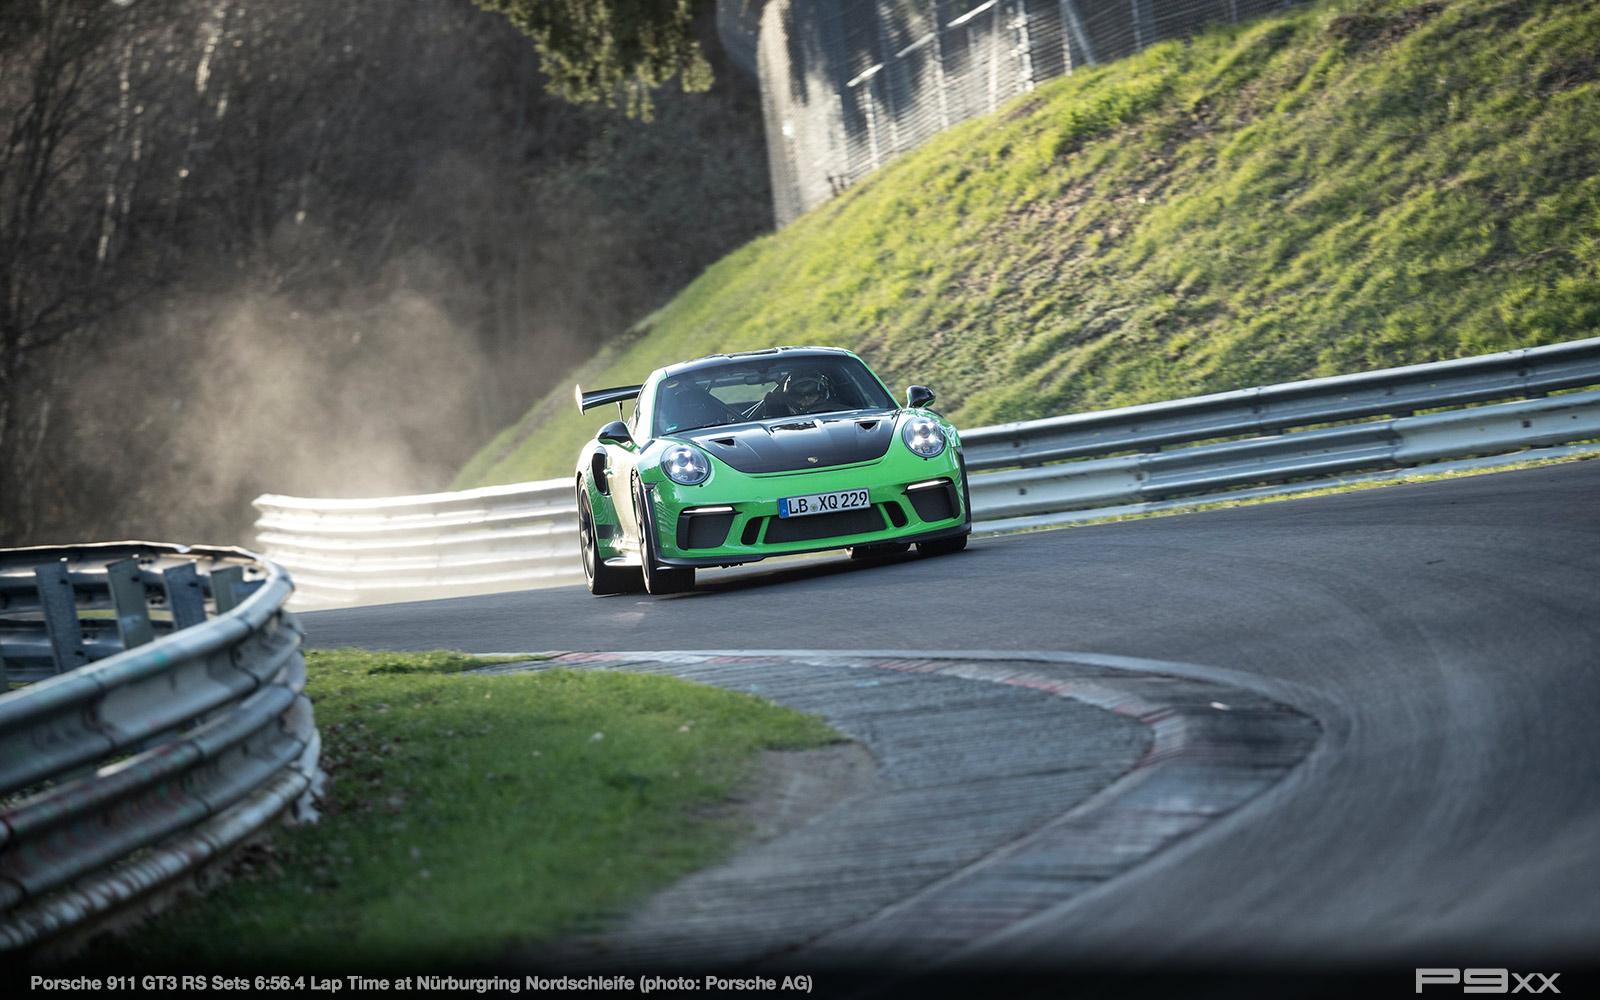 Porsche-911-9912-GT3-RS-Sets-Nurburgring-Lap-Time-288